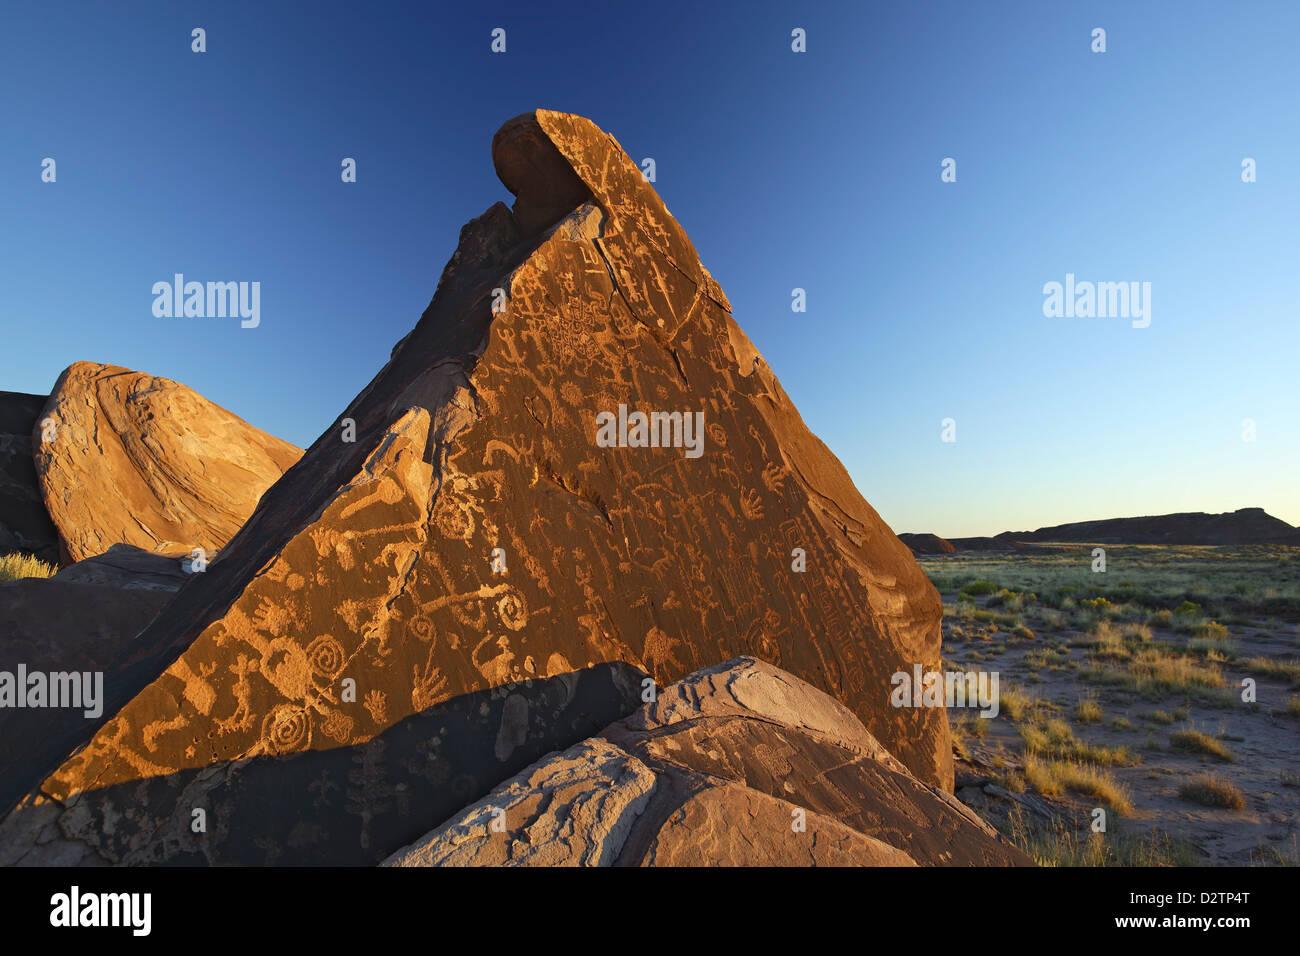 Petroglyphs panel, Petrified Forest National Park, Arizona USA - Stock Image